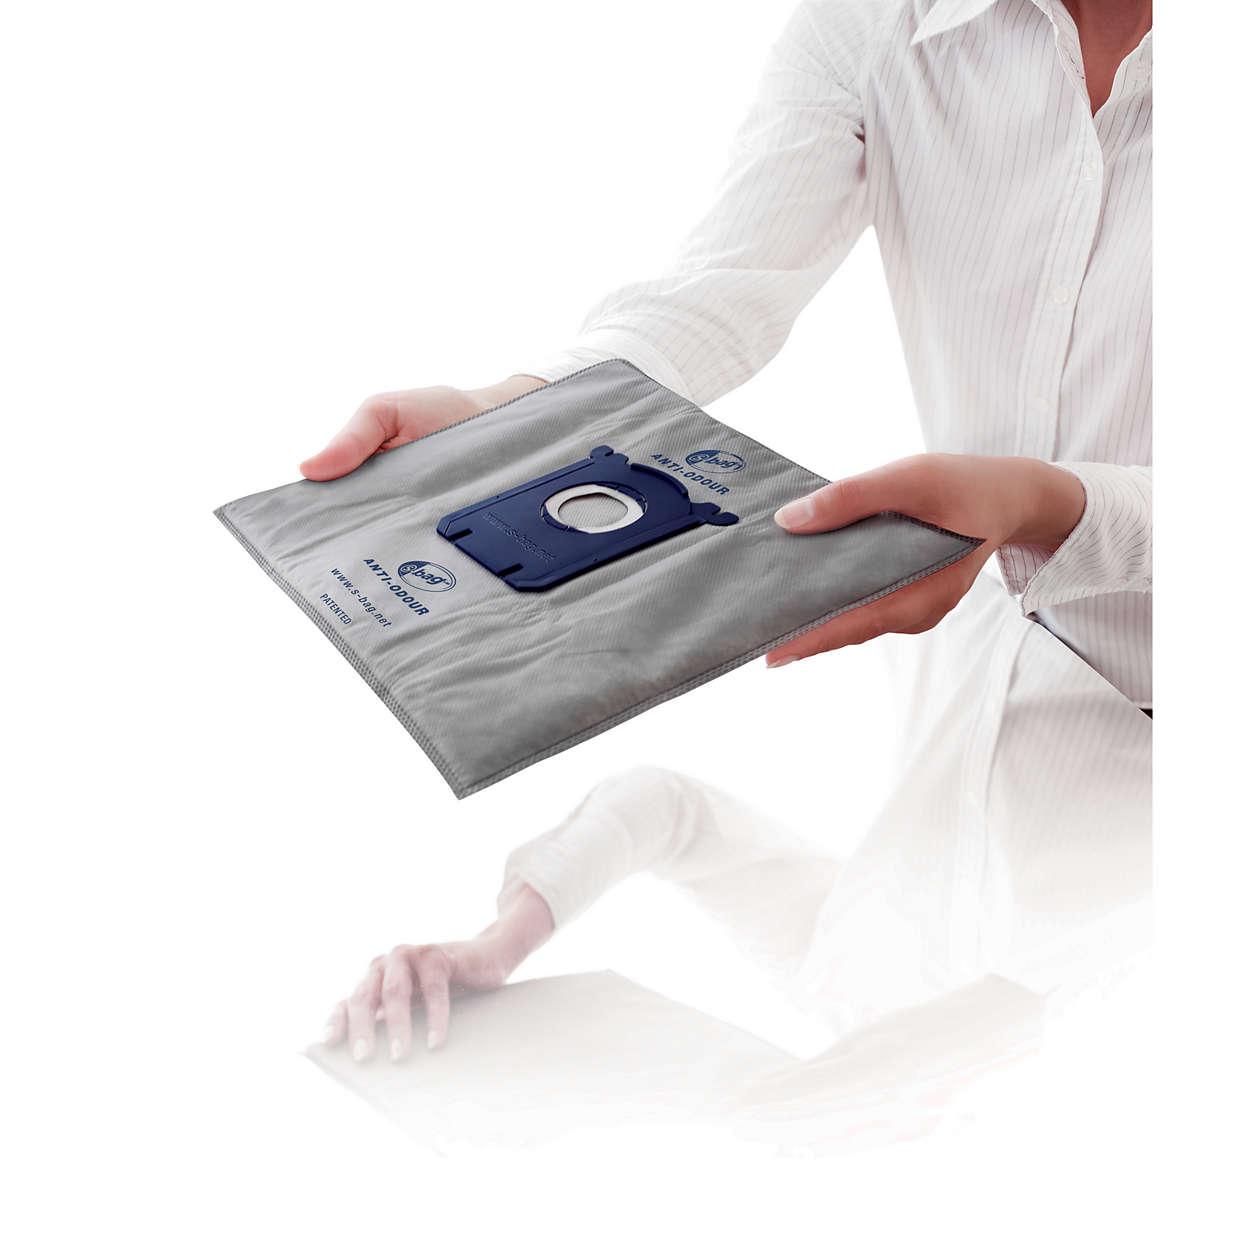 Antagelig den mest solgte støvposen i verden